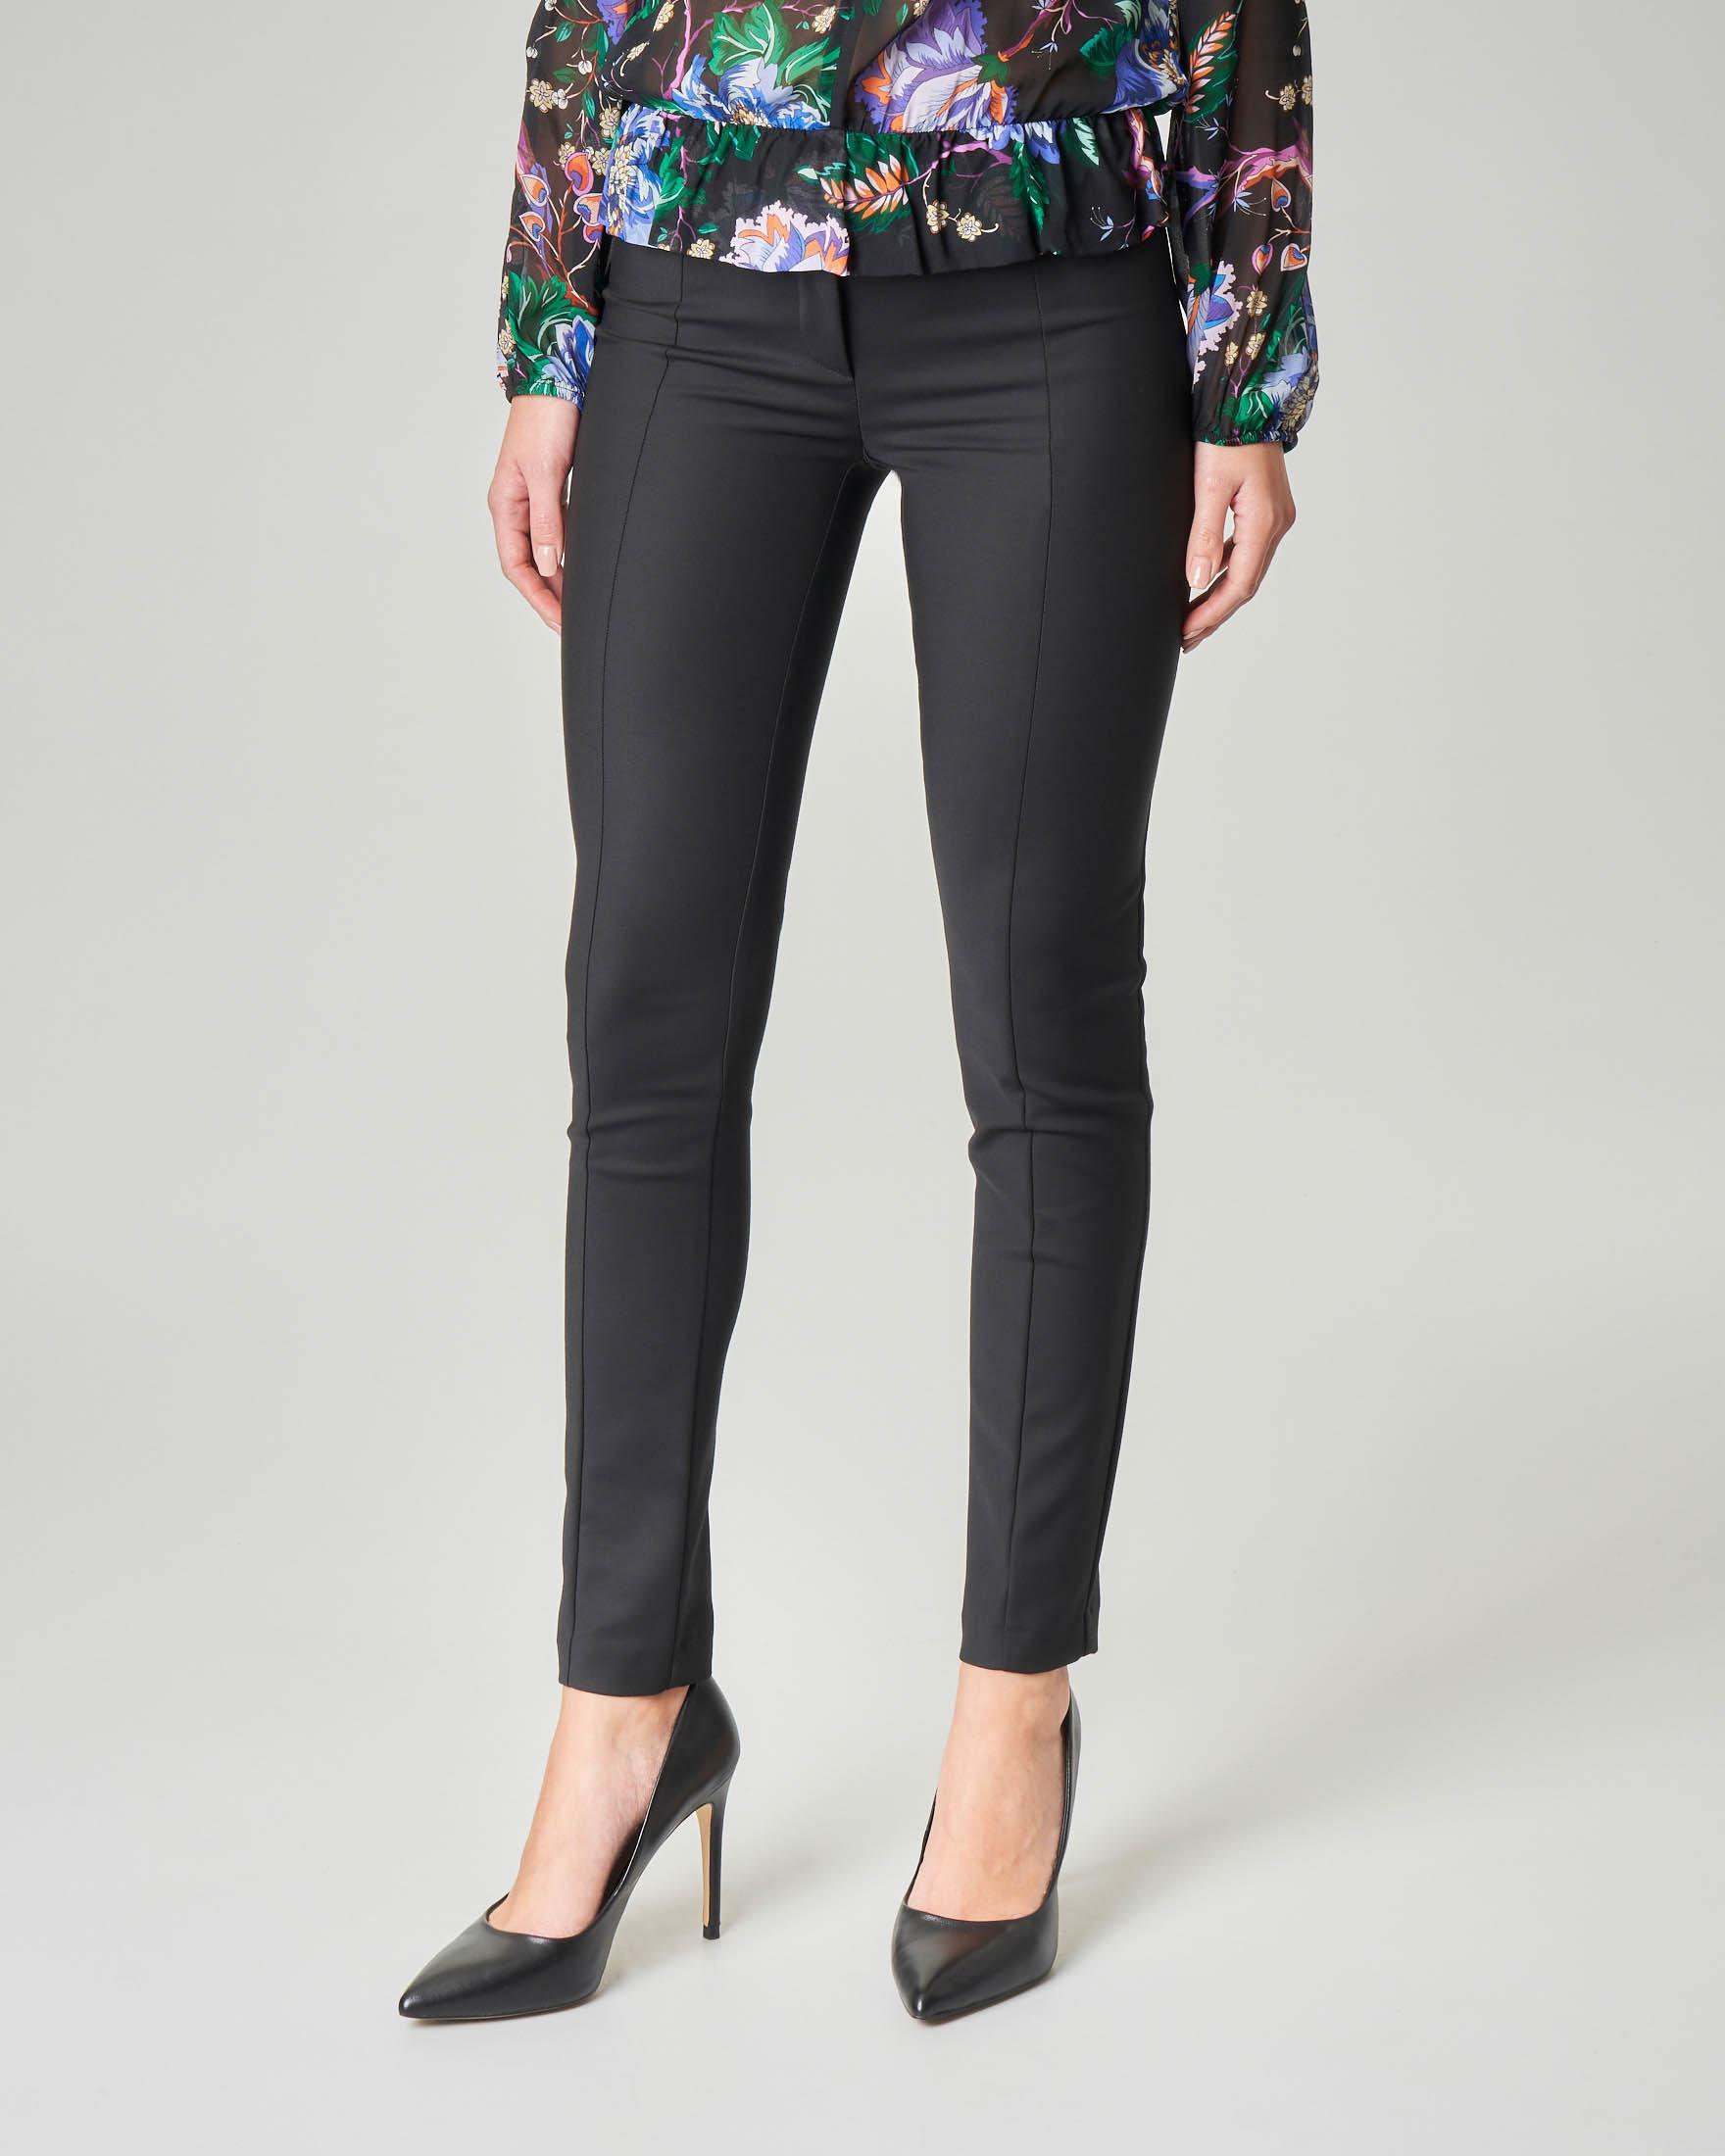 Pantaloni skinny nero in tessuto tecnico misto cotone